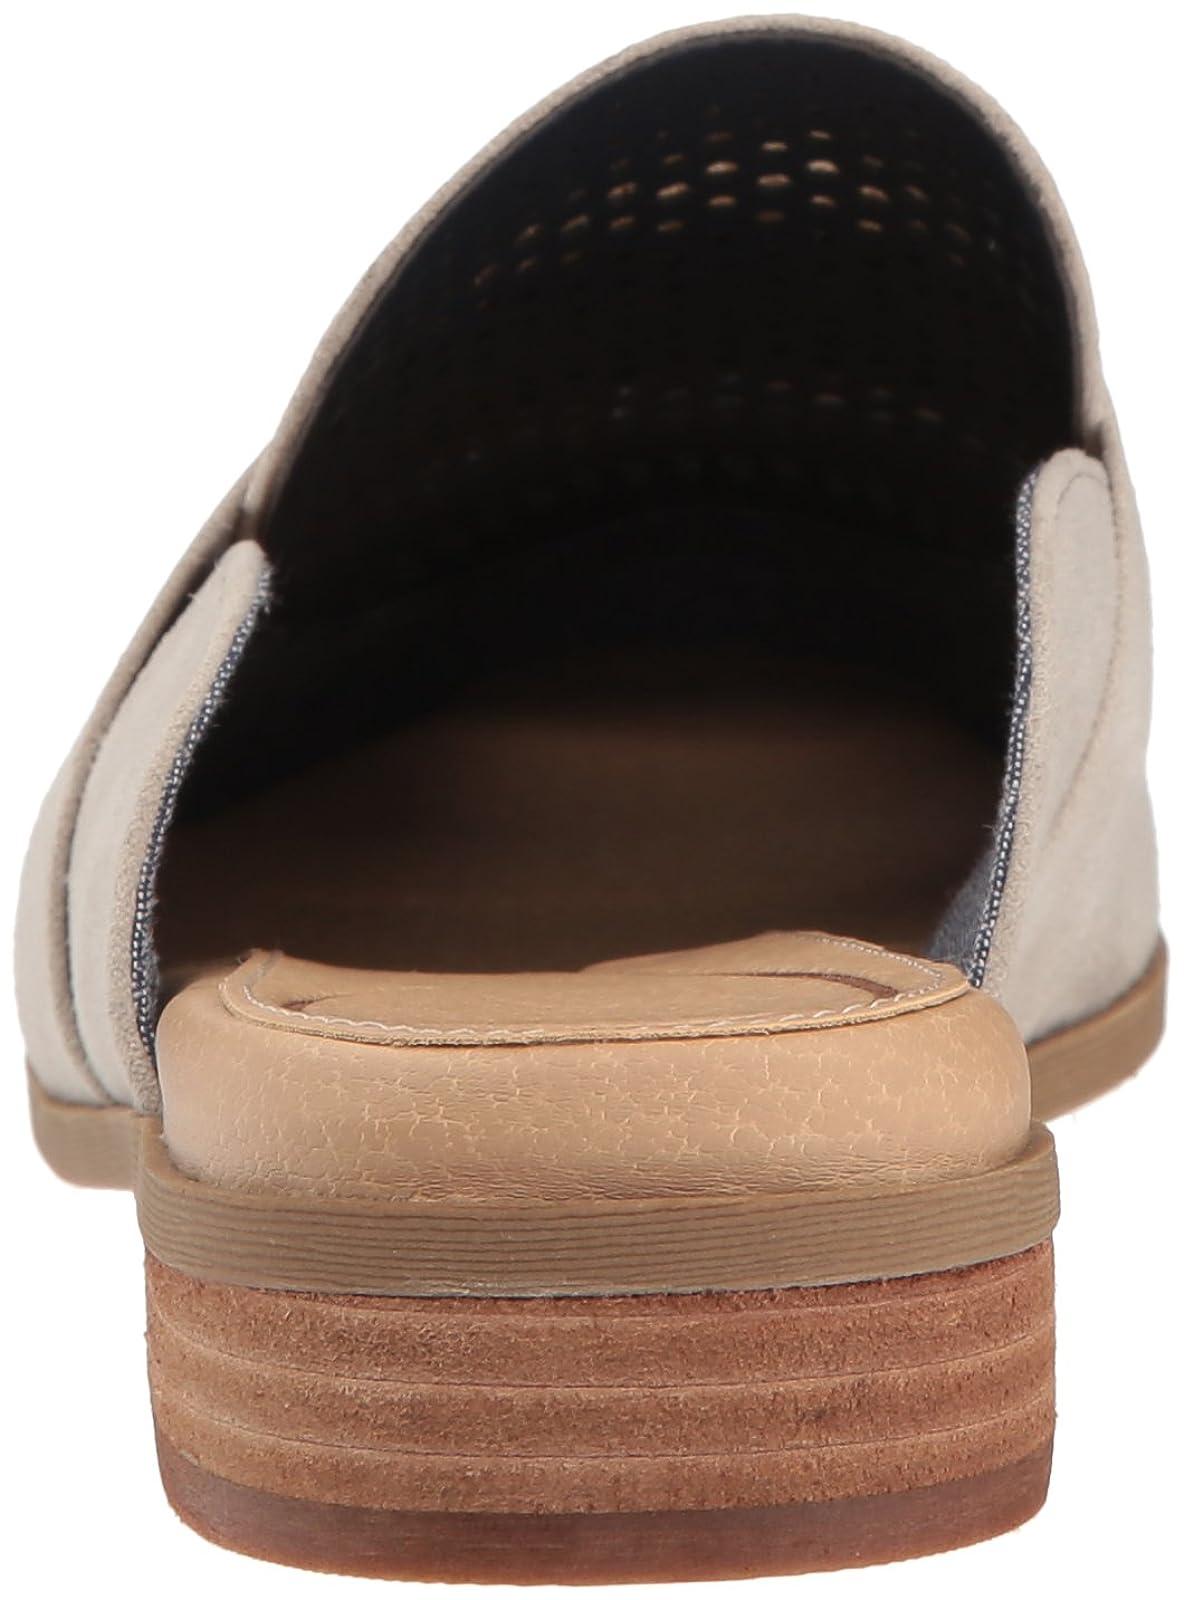 Dr. Scholl's Shoes Women's Exact Chop Mule F6419F1 - 2